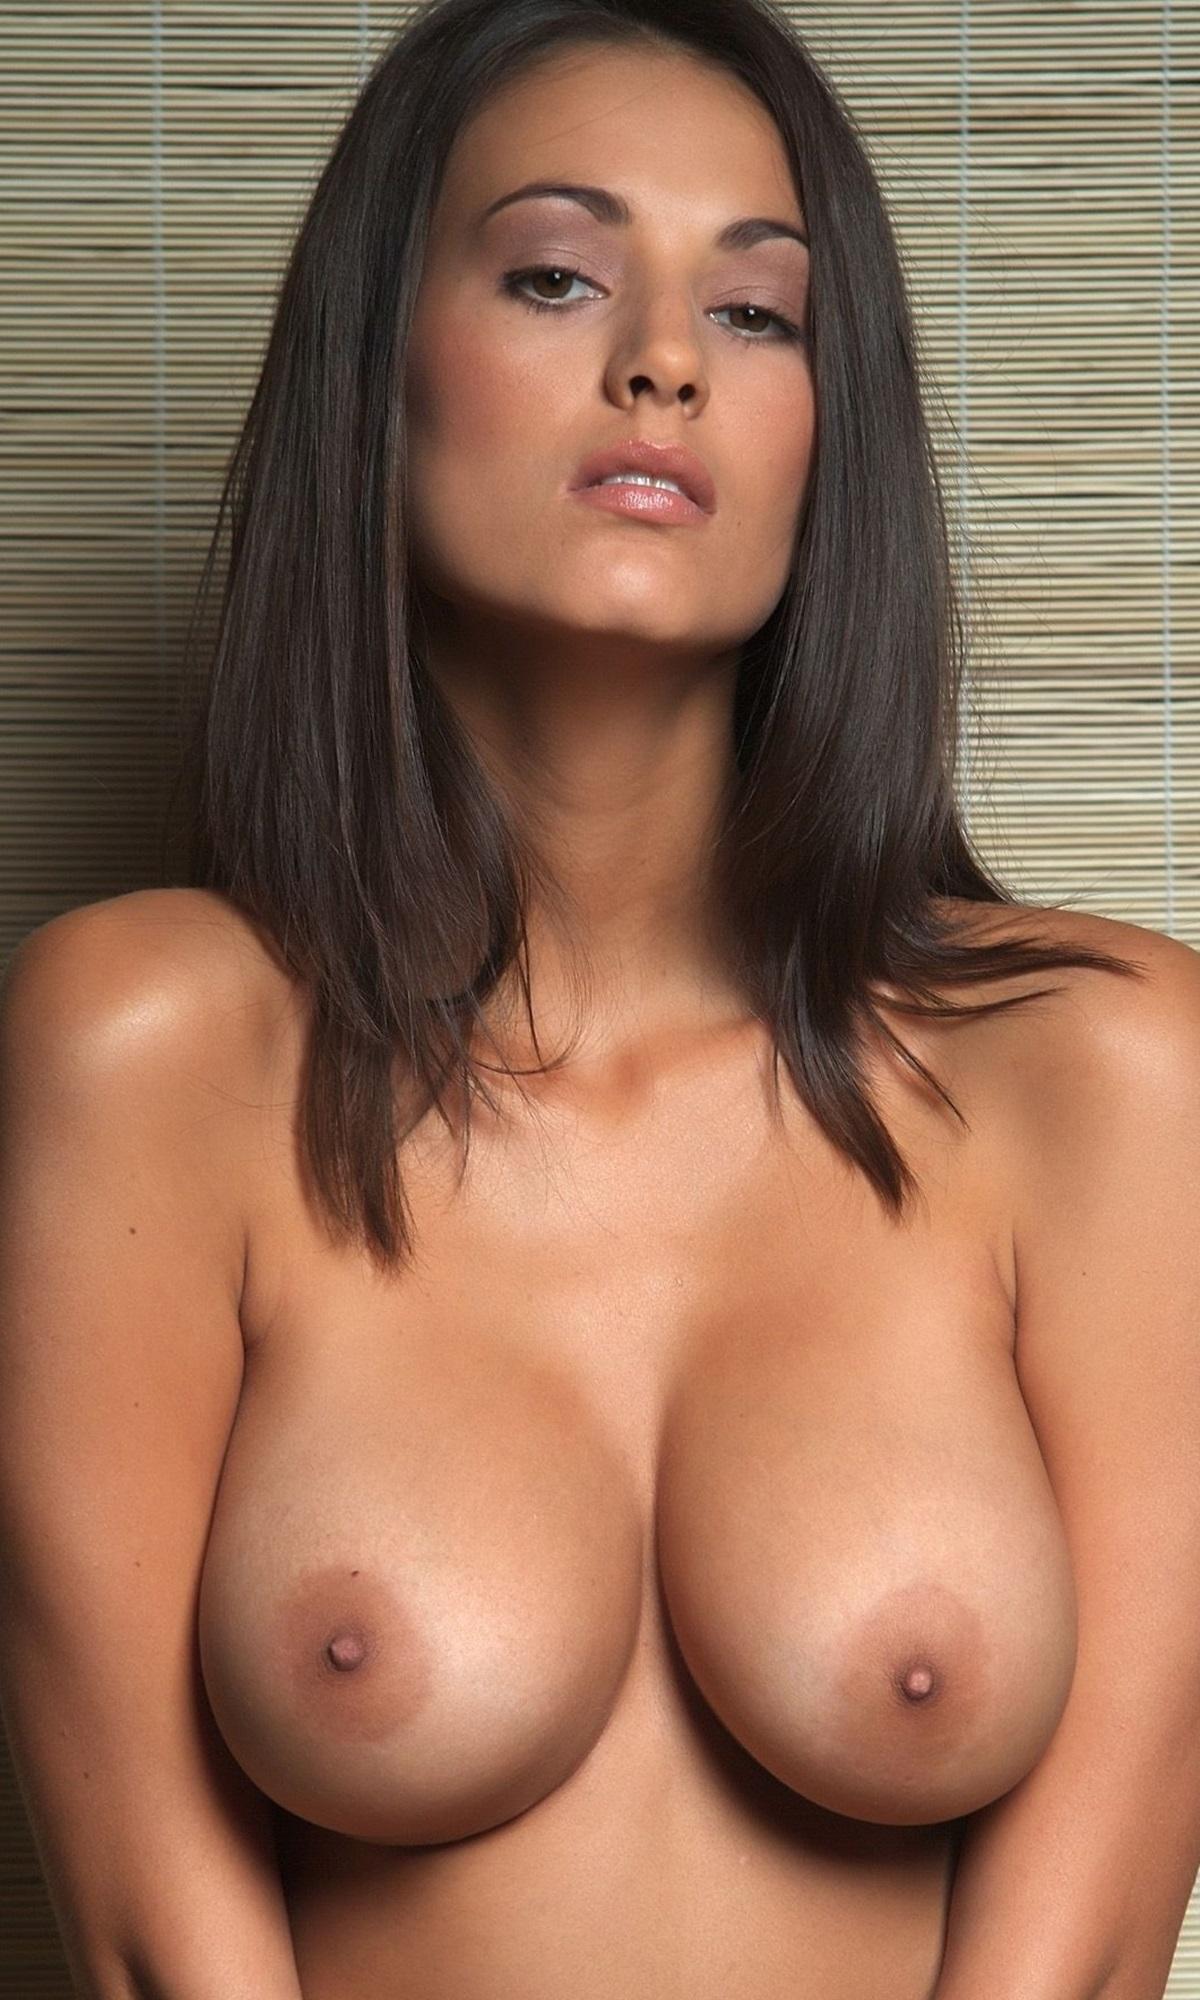 Телки с большой грудью фото 1 фотография